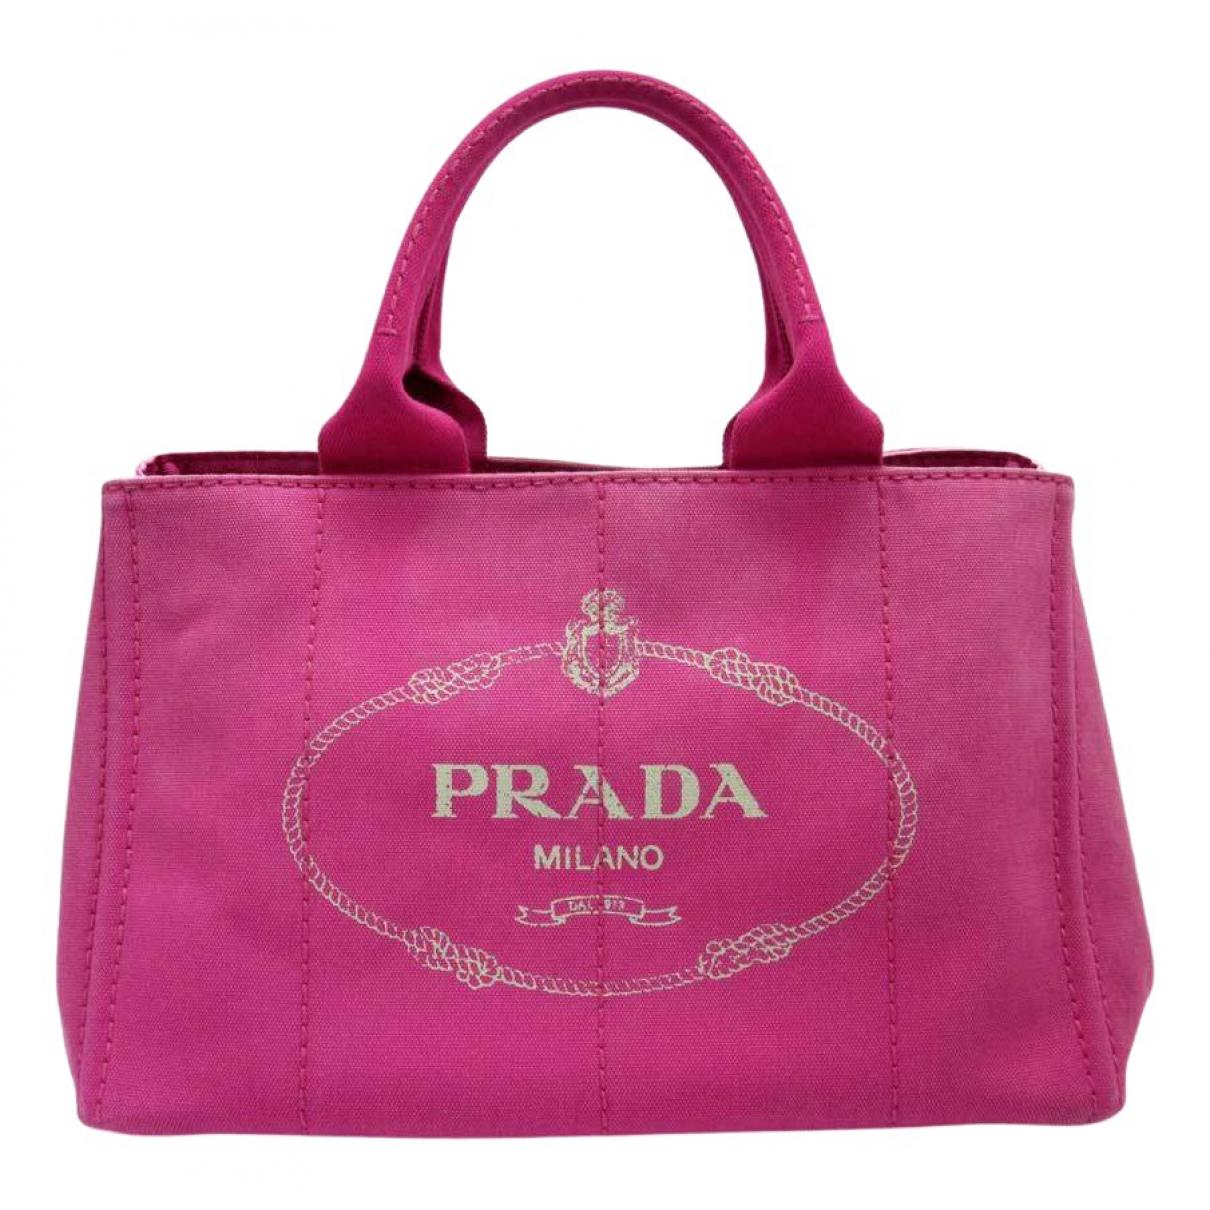 Prada - Sac a main   pour femme en toile - rose